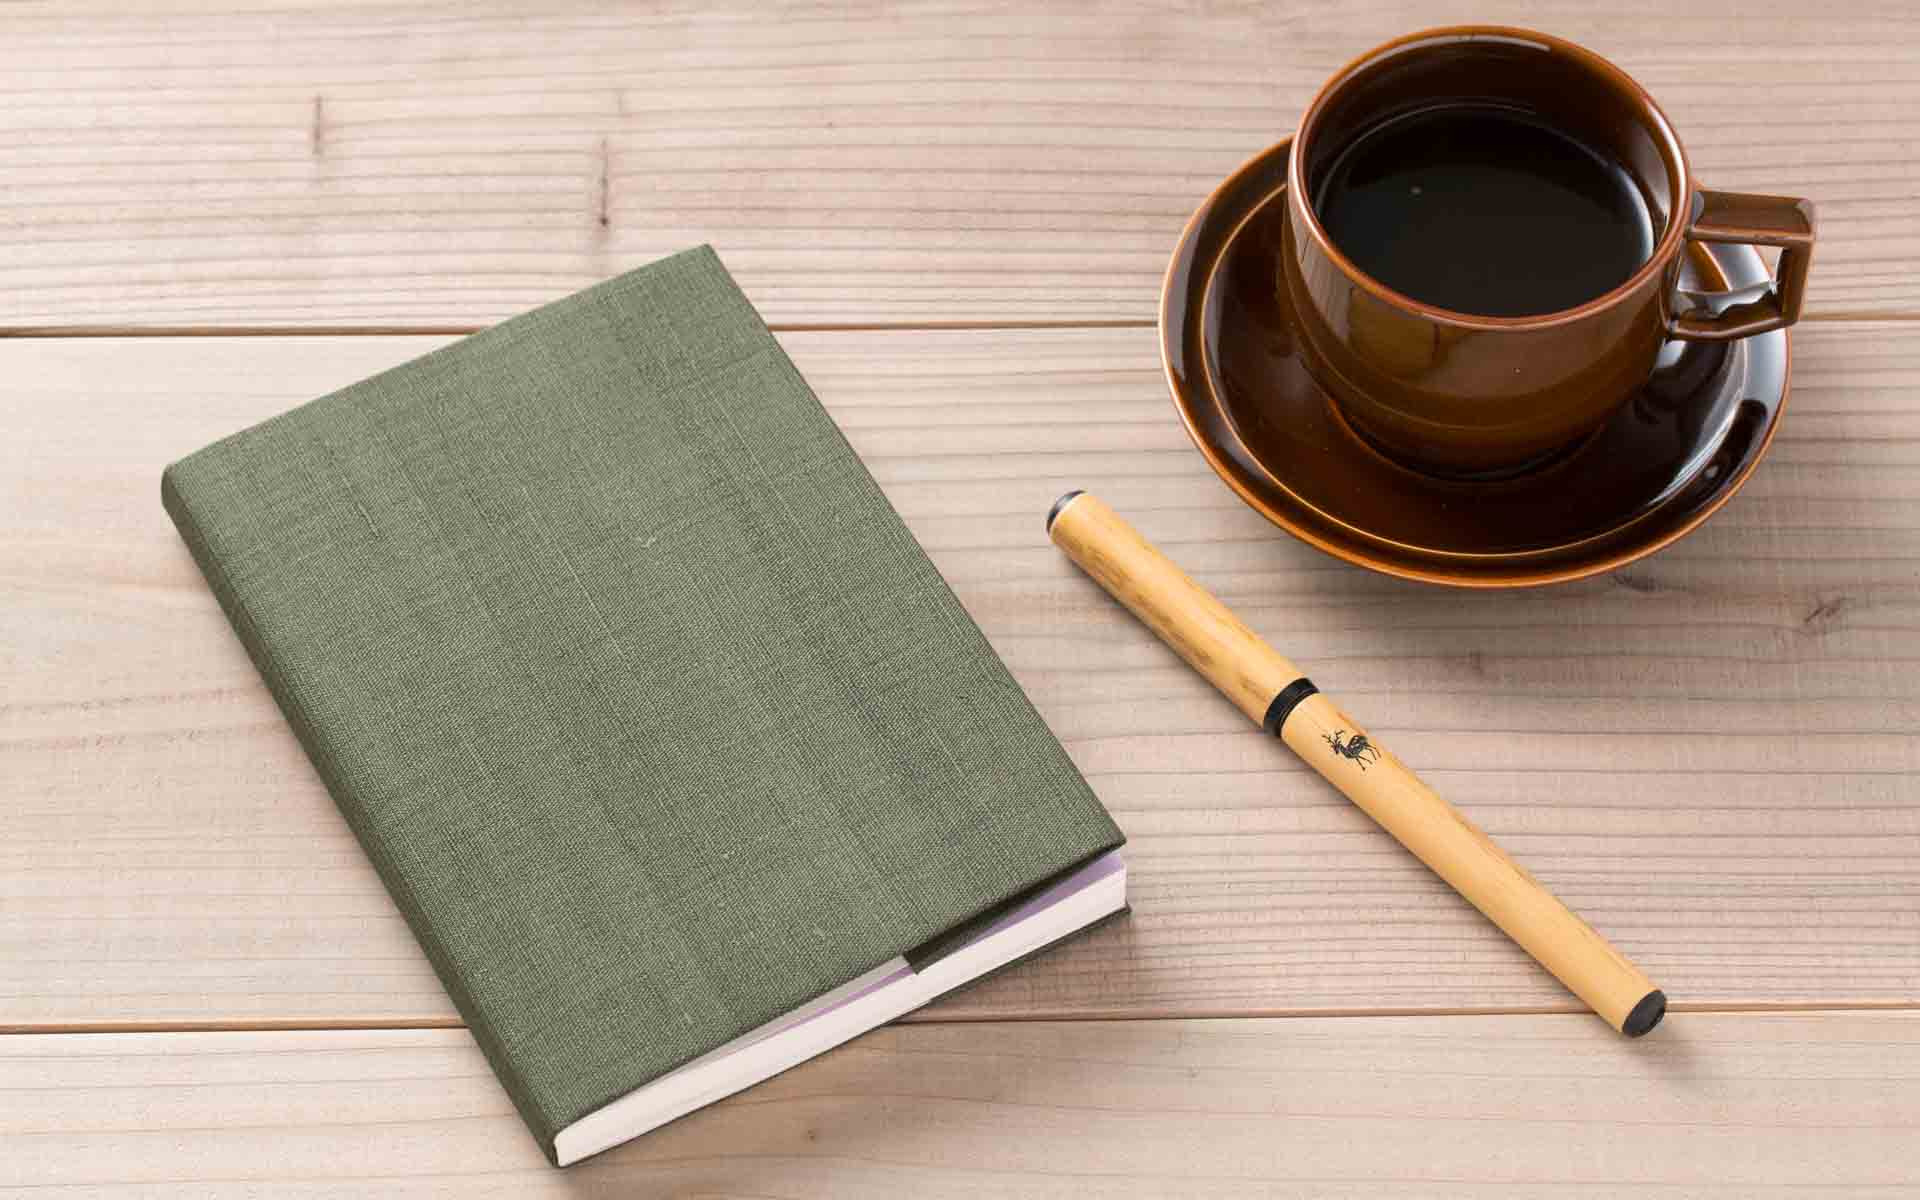 10月27日、読書の日。洋服のように季節で選ぶ「ブックカバー」